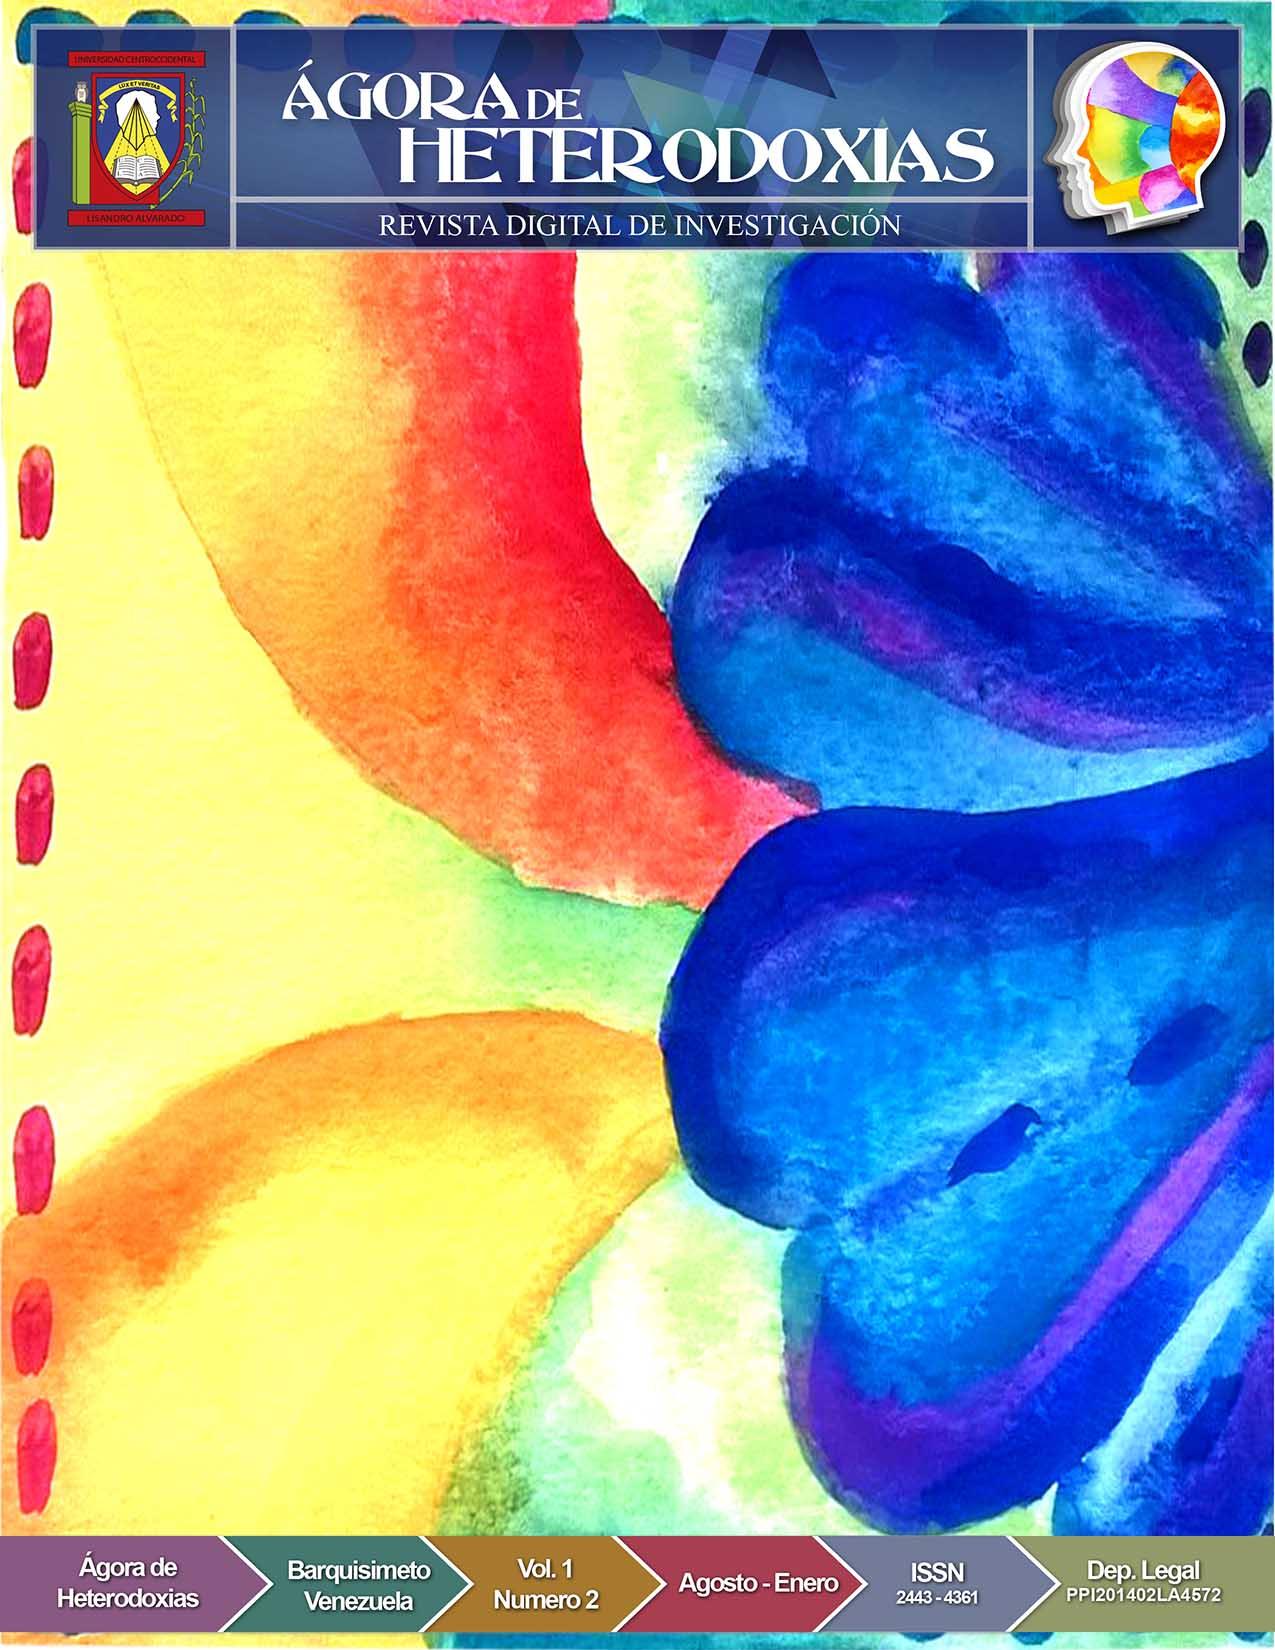 Volumen 1, Número 2, Ágora de Heterodoxias